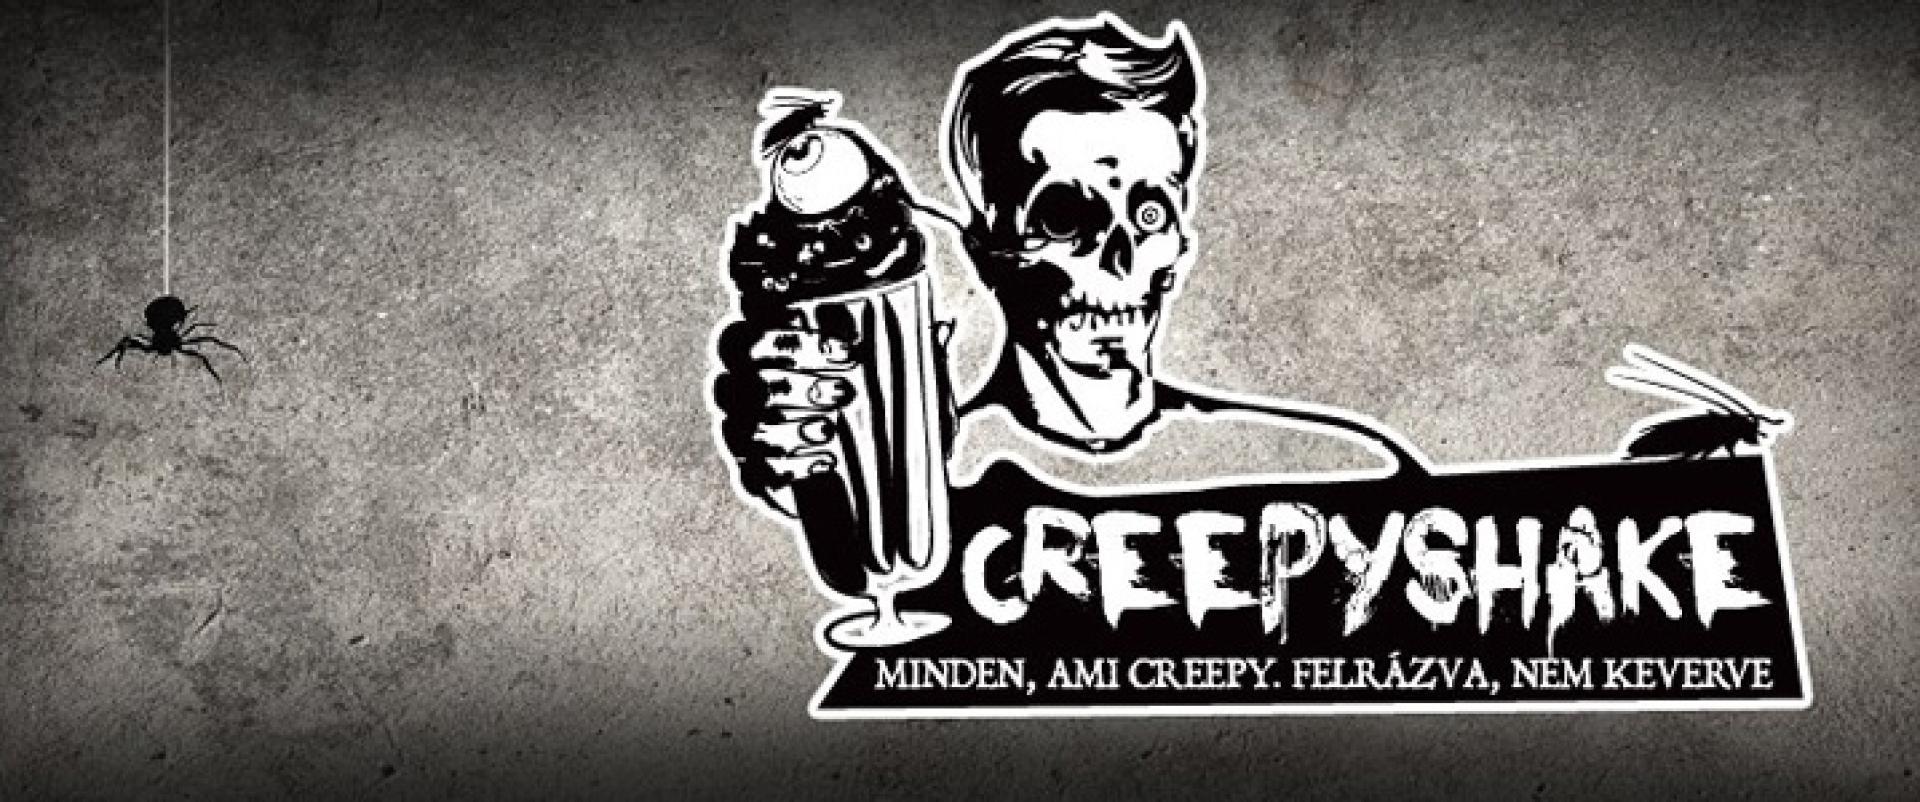 Creepy kedvencek 2017. június